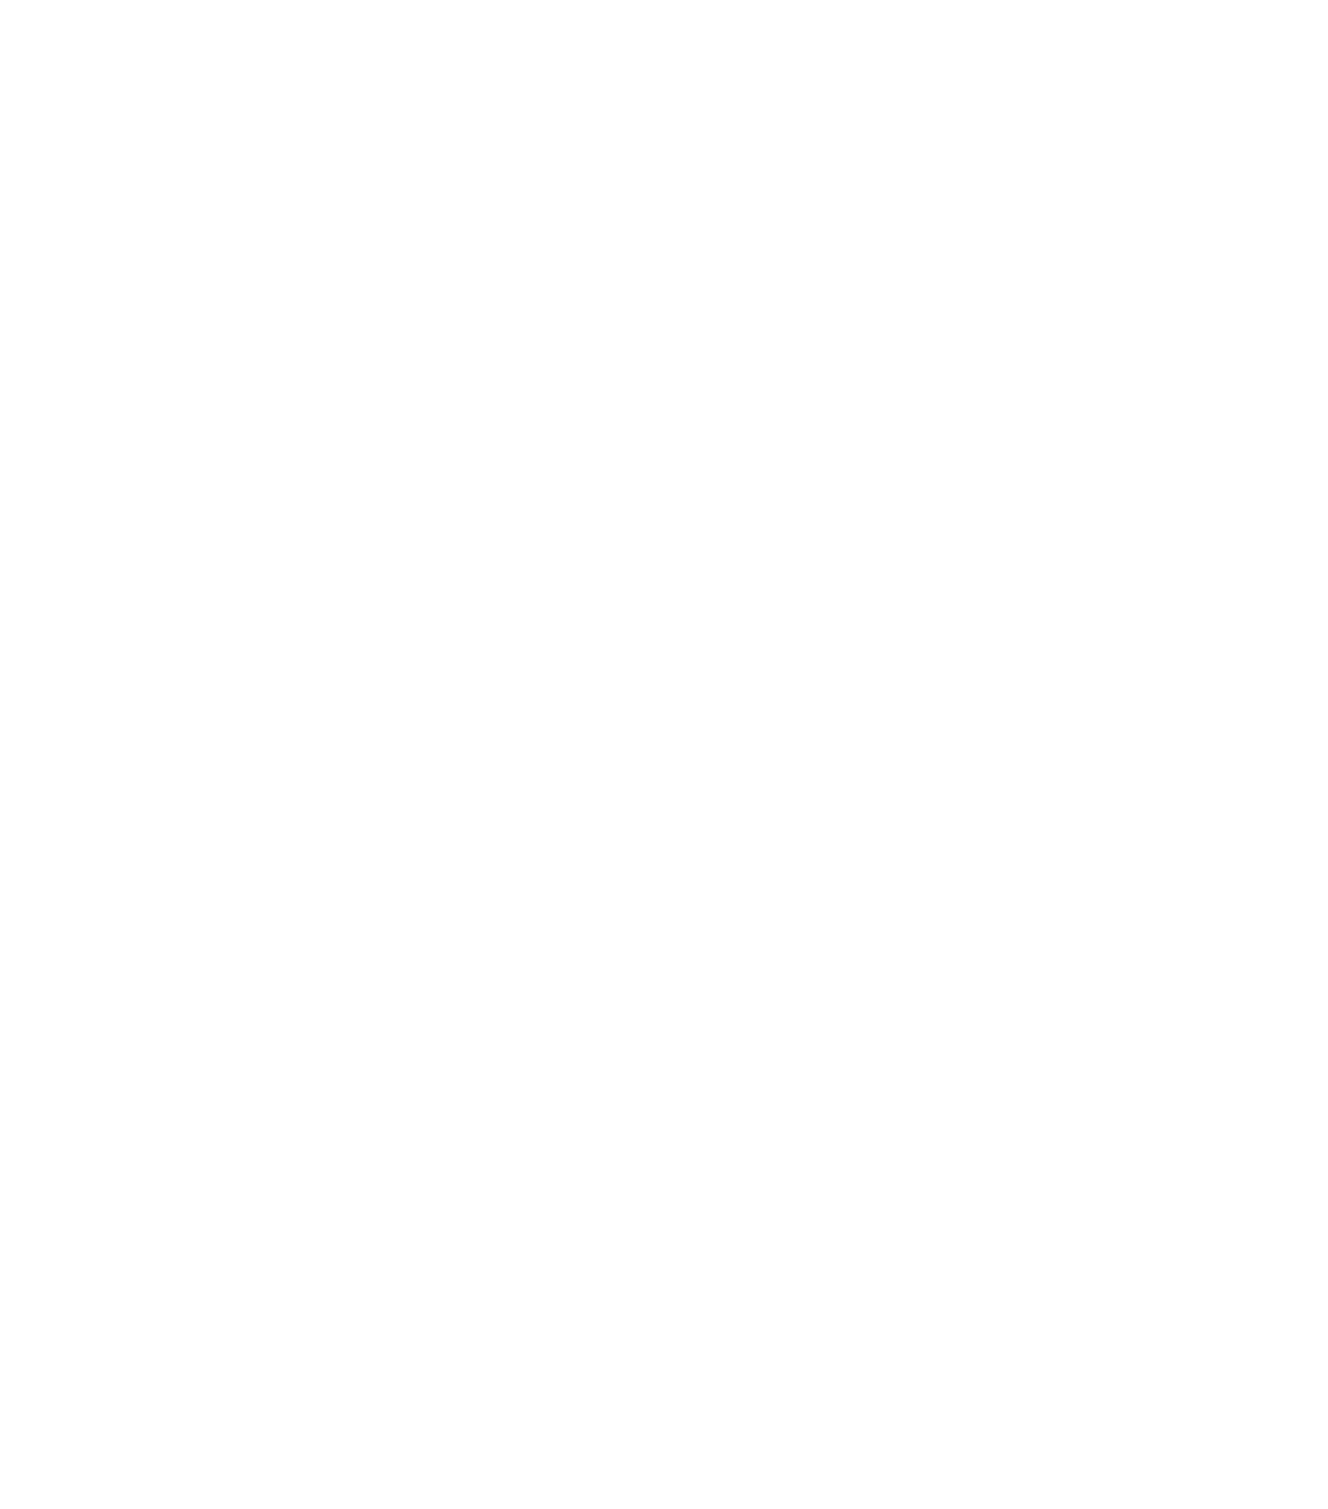 Rawzone